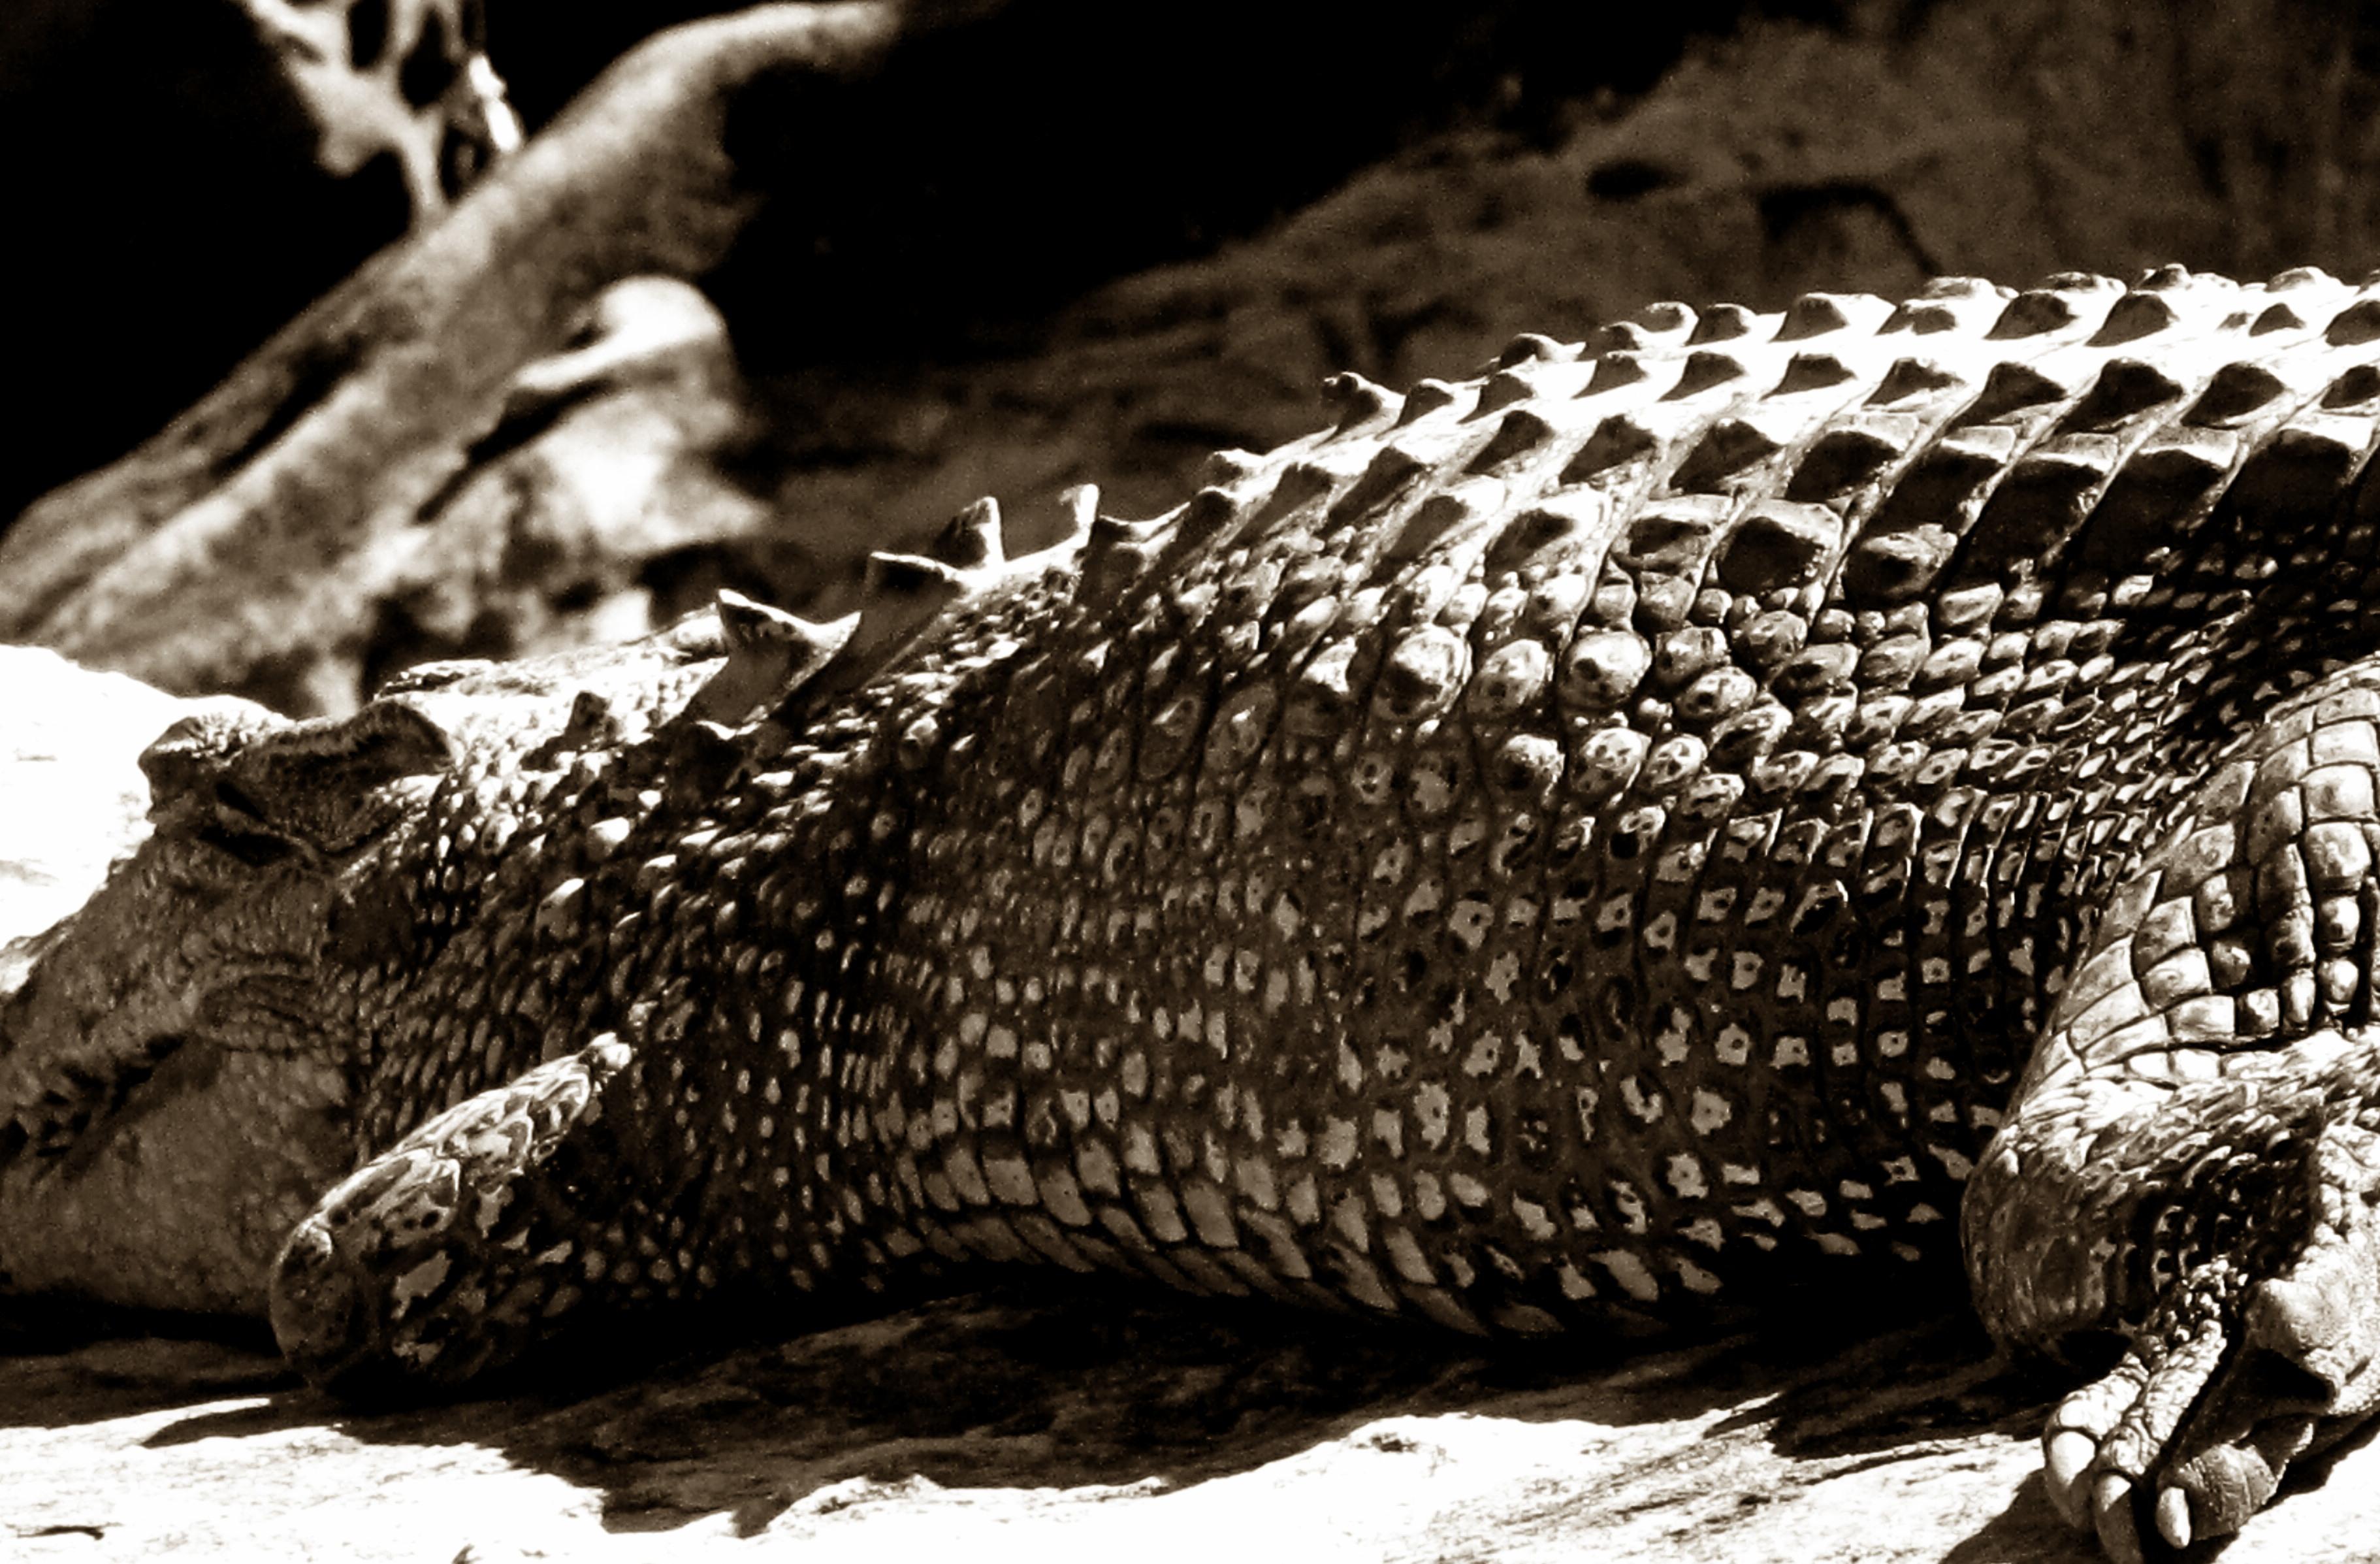 Crocodile Study 3